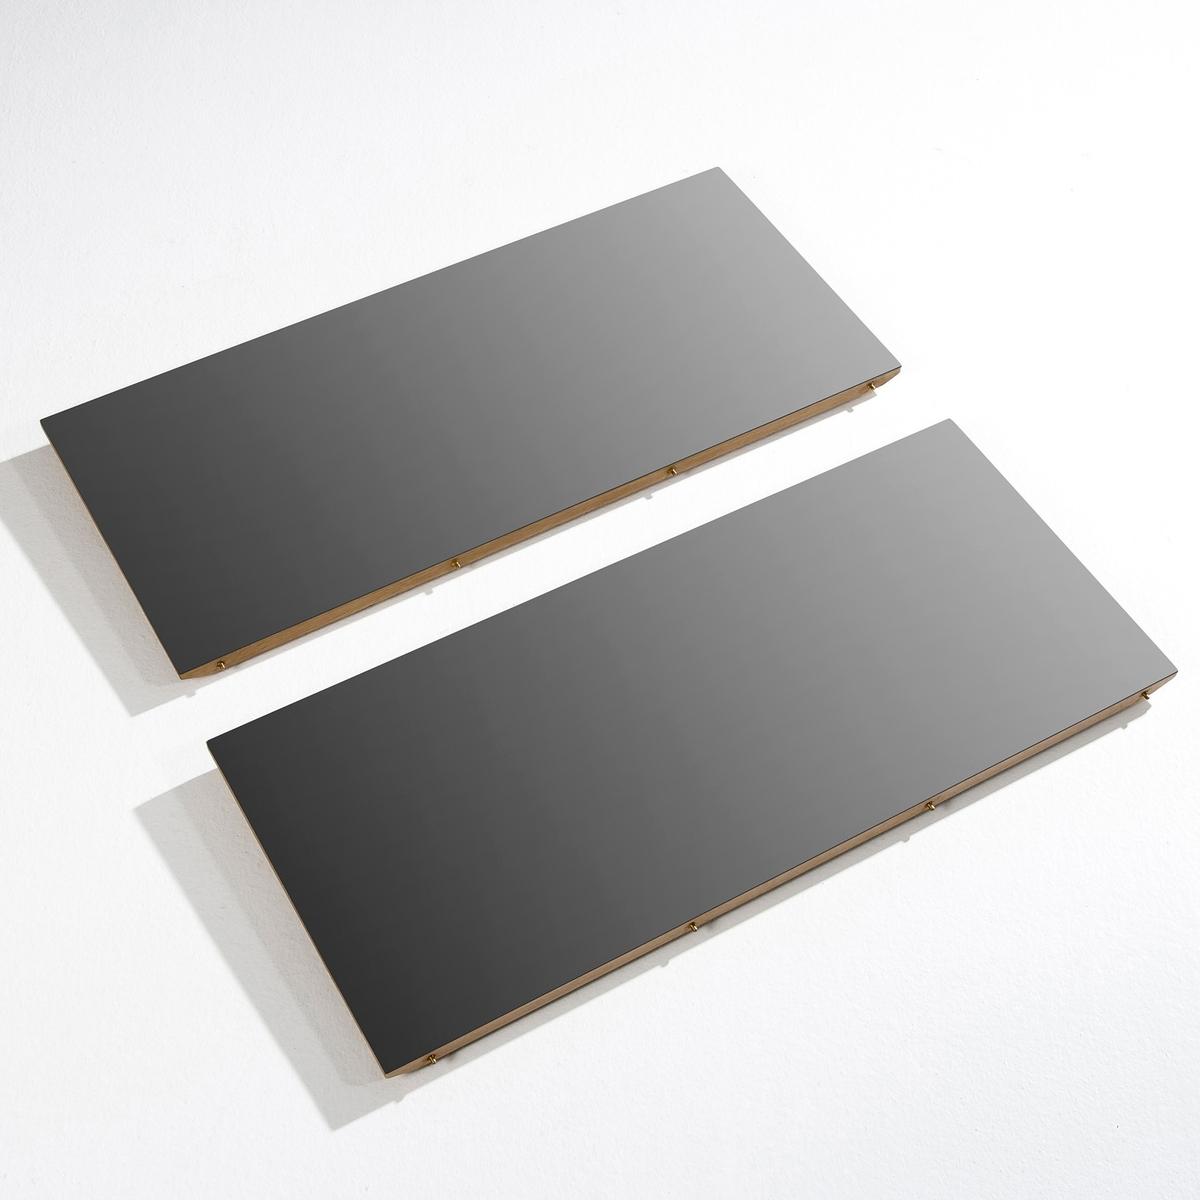 2 дополнительных секции для стола  Buondi2 дополнительных секции для стола Buondi (верх: дерево) выполнены в дизайне от Emmanuel Gallina, стол можно найти на нашем сайте.Характеристики:- МДФ, плакированный металл, отделка верха эпоксидной краской (плакированный дуб снизу).Размеры секции:- Дл. 40 x Выс. 2,2 x Гл. 90 см.Размеры и вес упаковки:- Дл. 102 x Выс. 10 x Гл. 51,5 см, 20 кг. Доставка на домВаш товар будет доставлен по назначению, даже на этажВнимание! Пожалуйста, убедитесь, что упаковка пройдет через проемы (двери, лестницы, лифты)<br><br>Цвет: металл черный